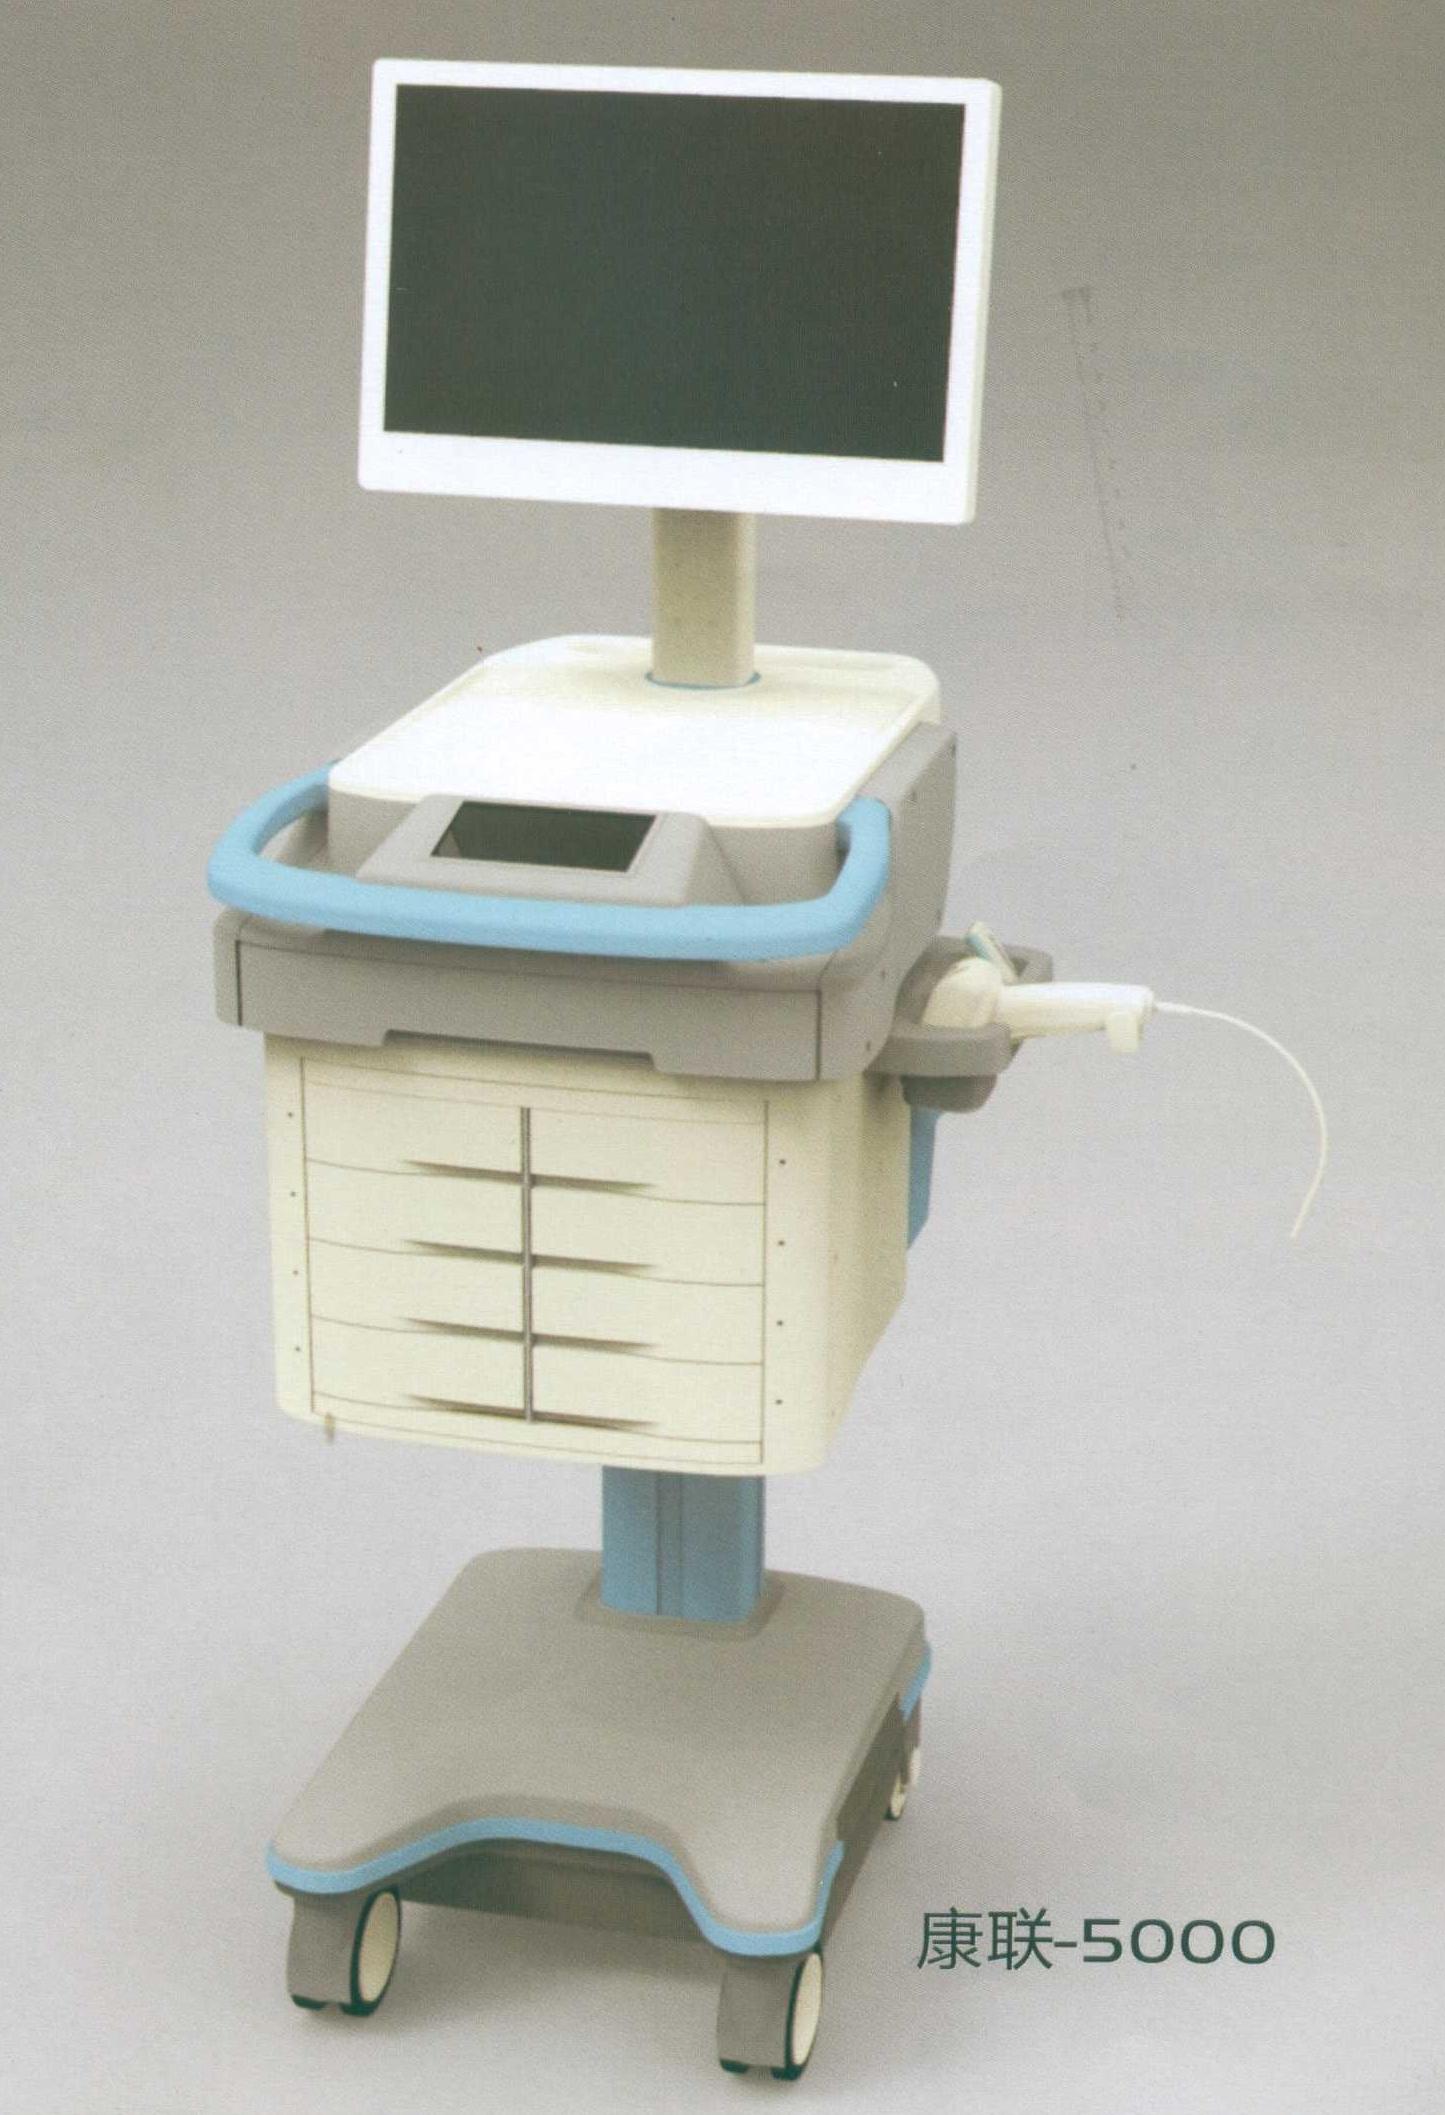 康联-5000移动医疗工作站